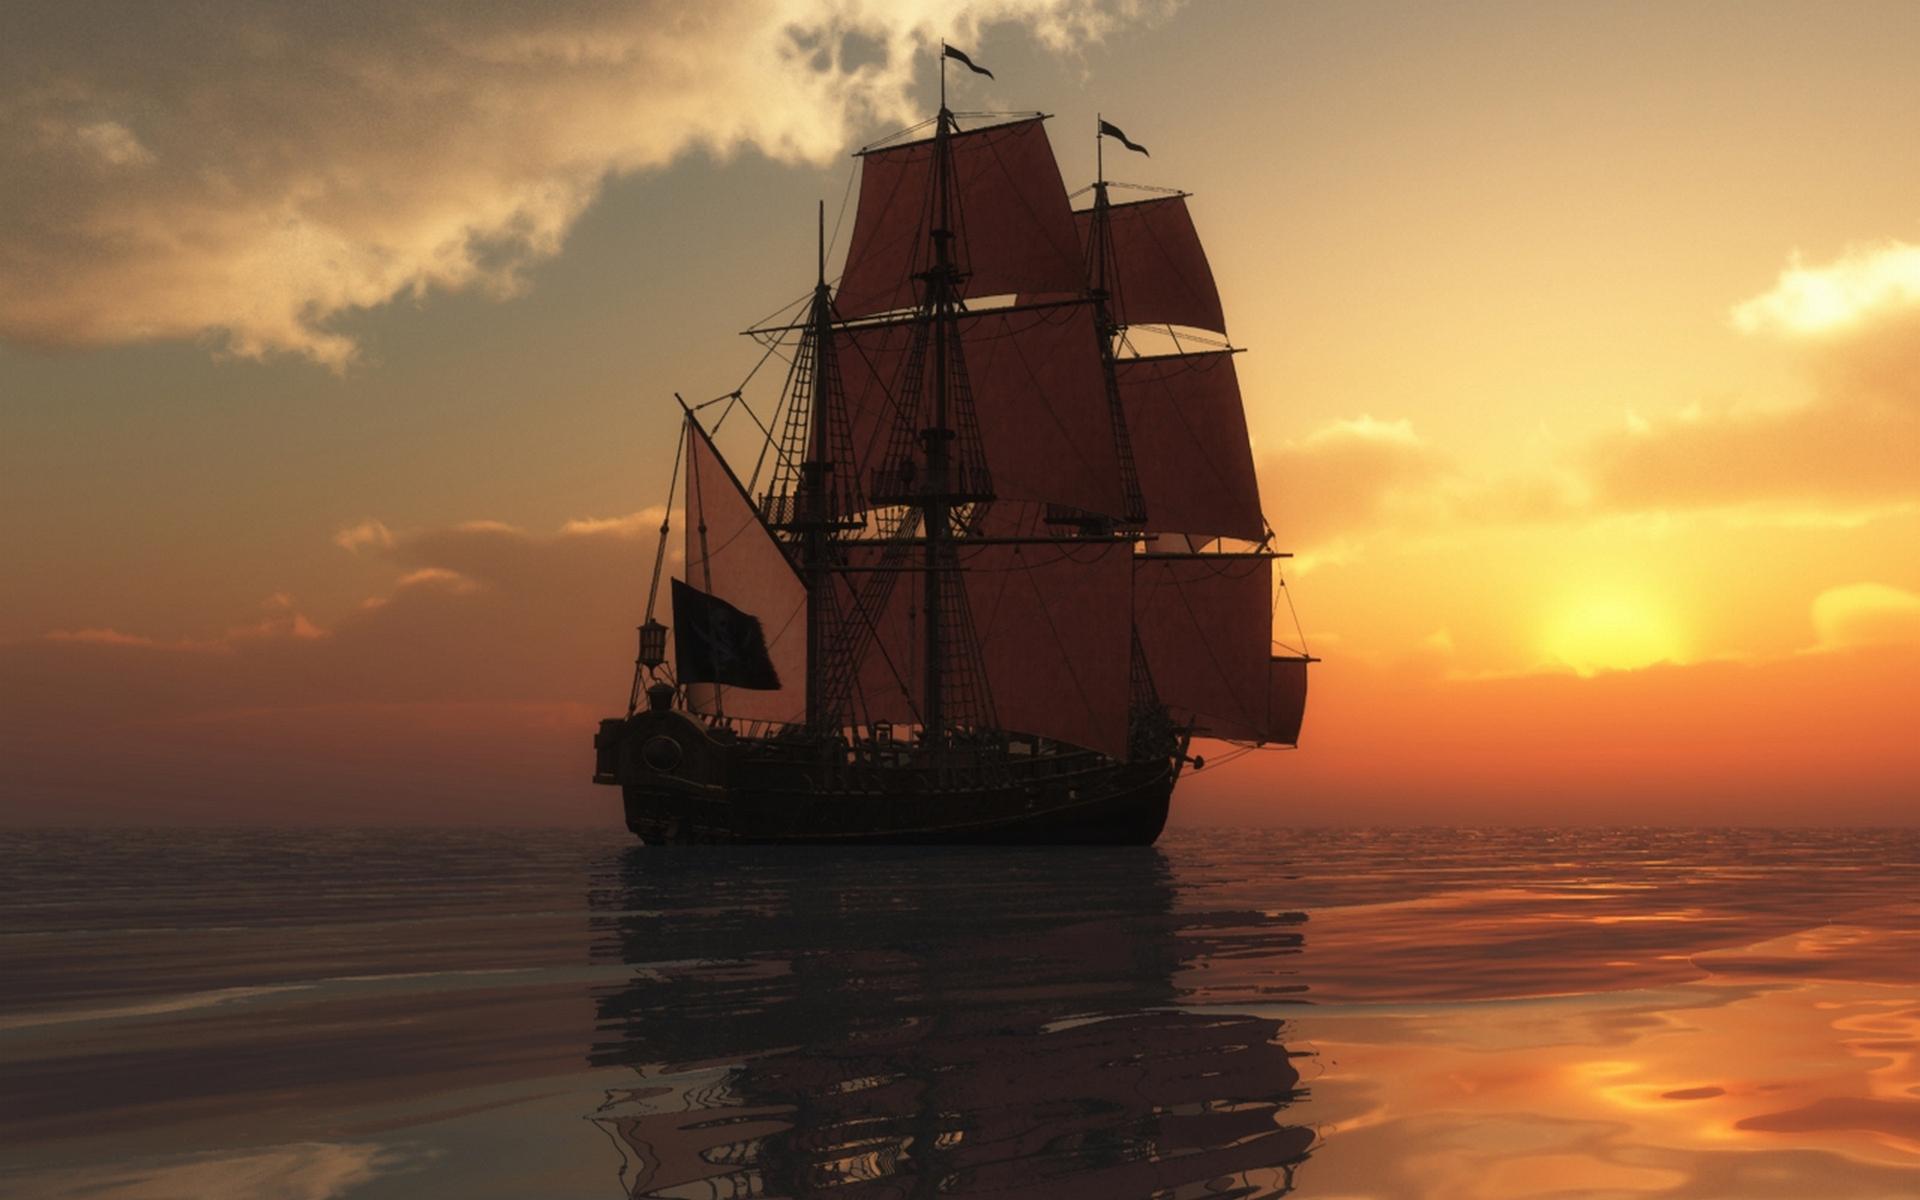 Картинки фрегаты в море, празднику николая